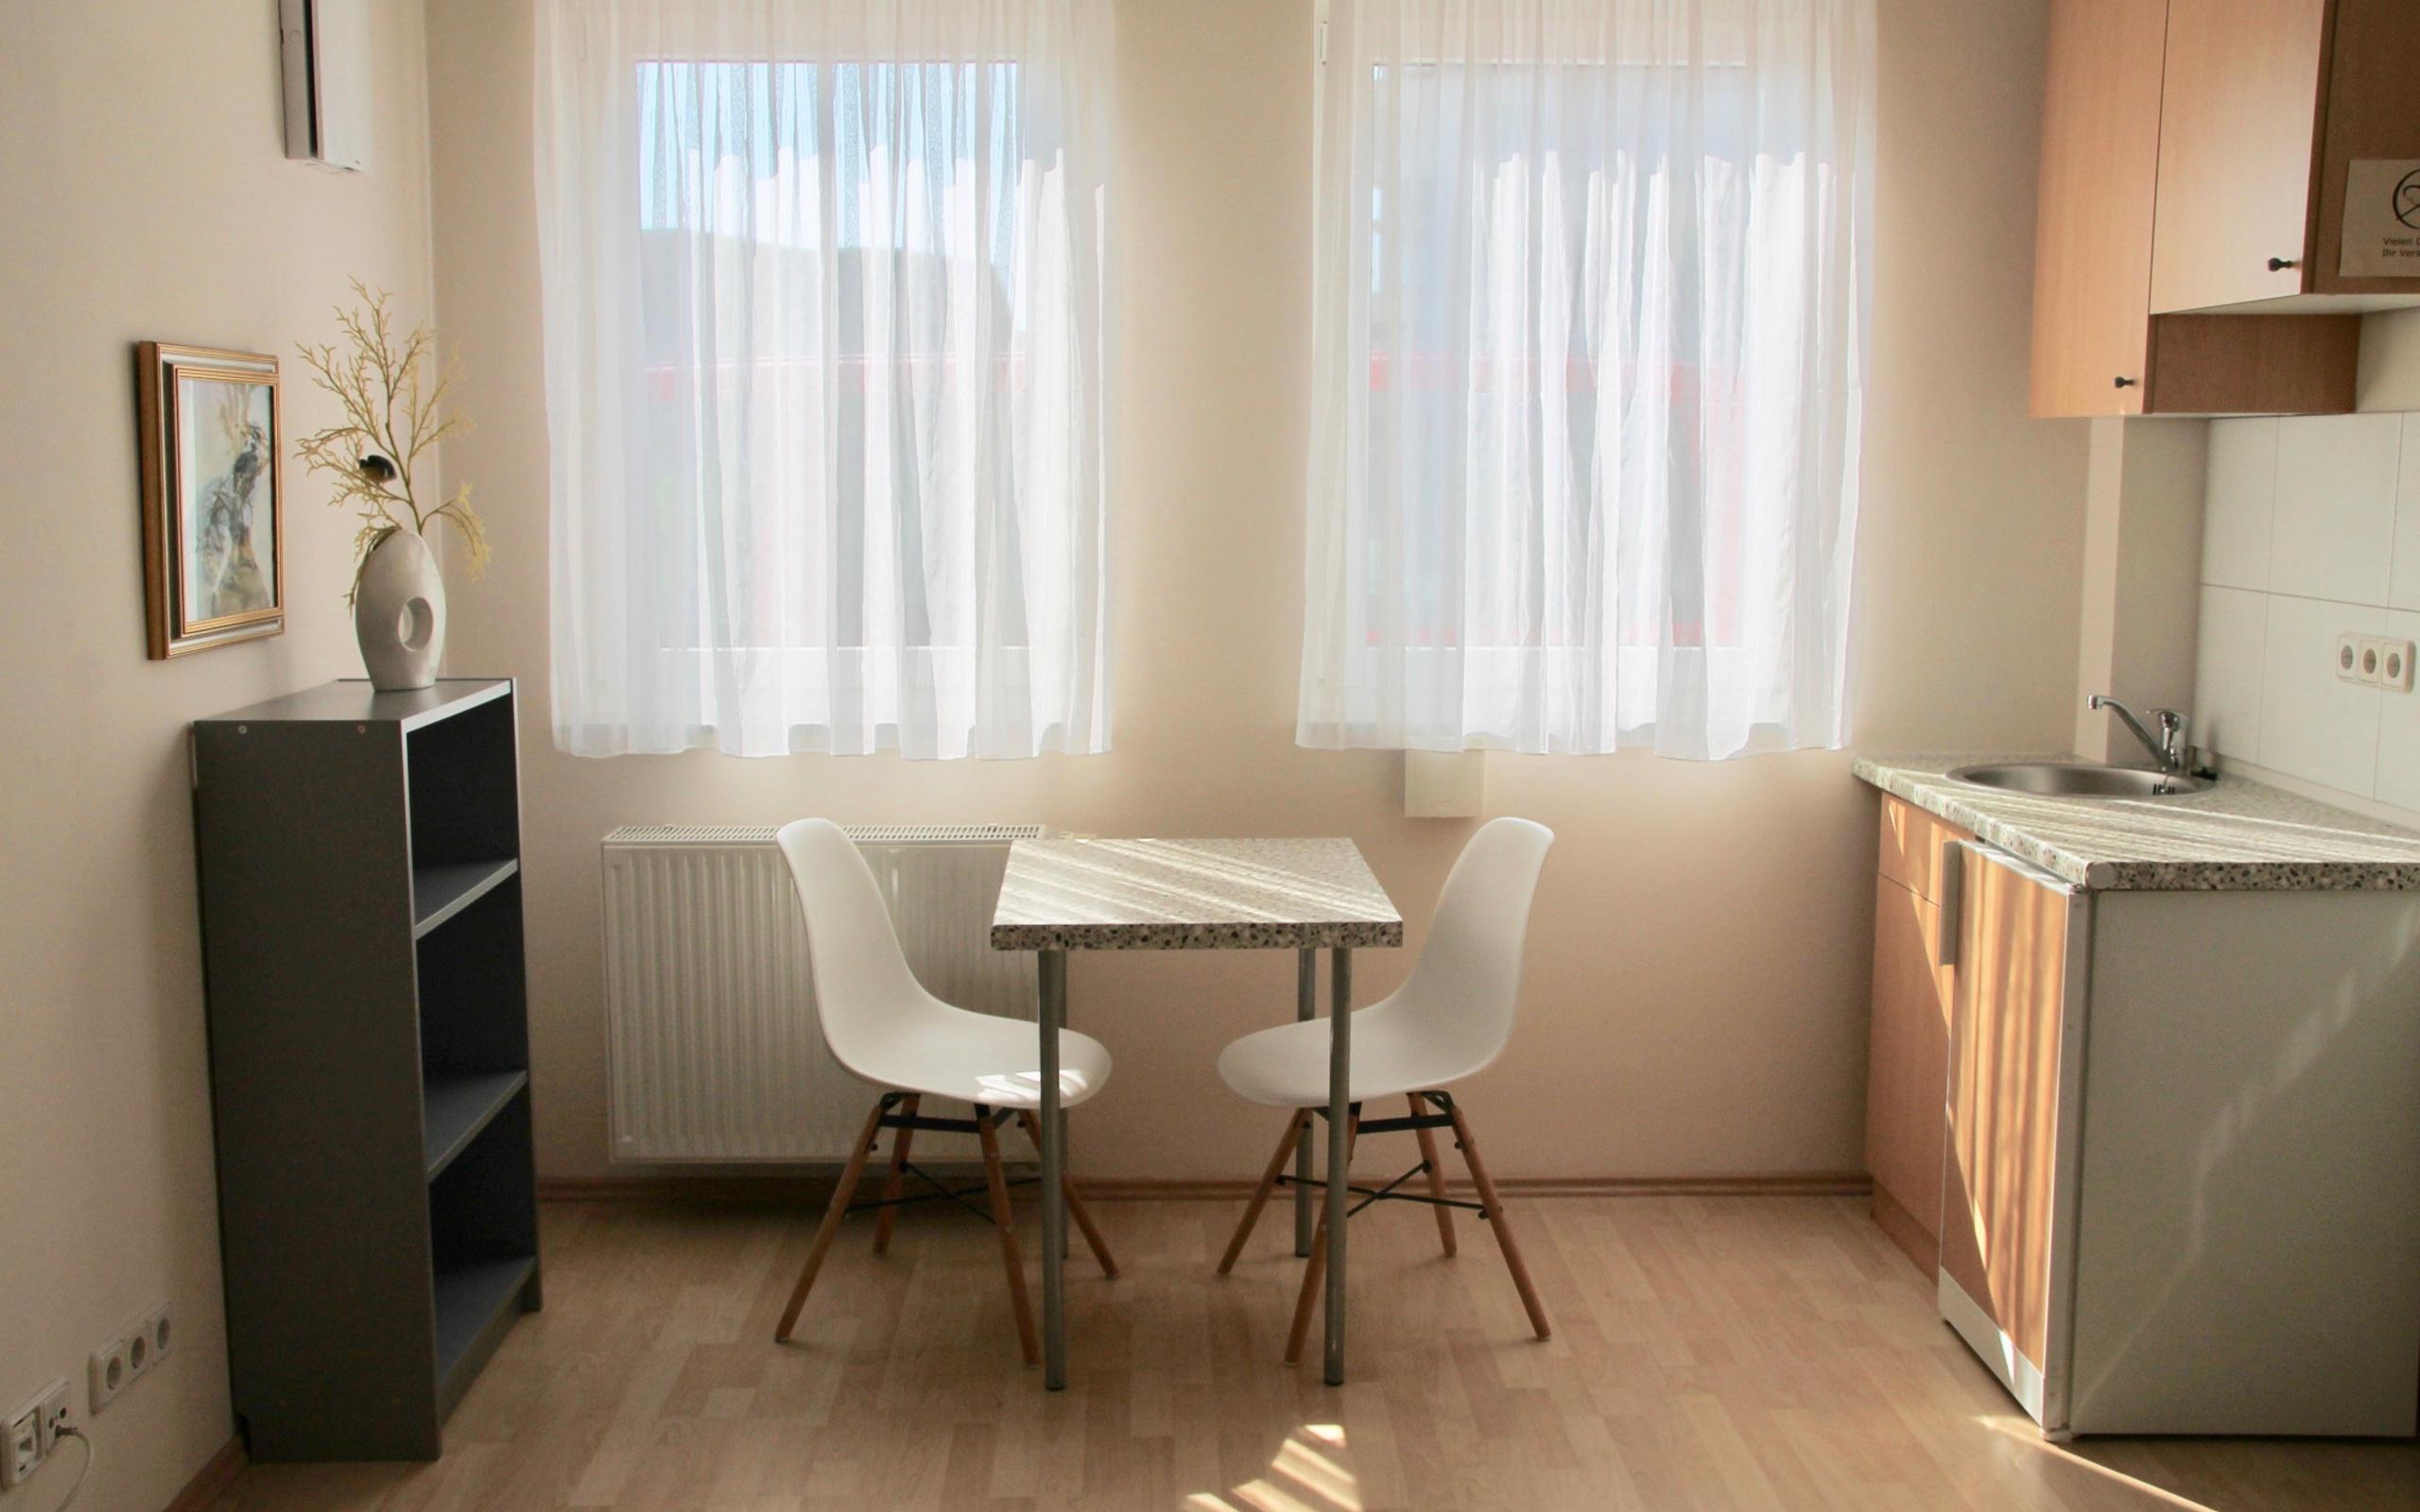 Möblierte 1 Zimmerwohnung In Leonberg Löffelfertig Sofort Zum